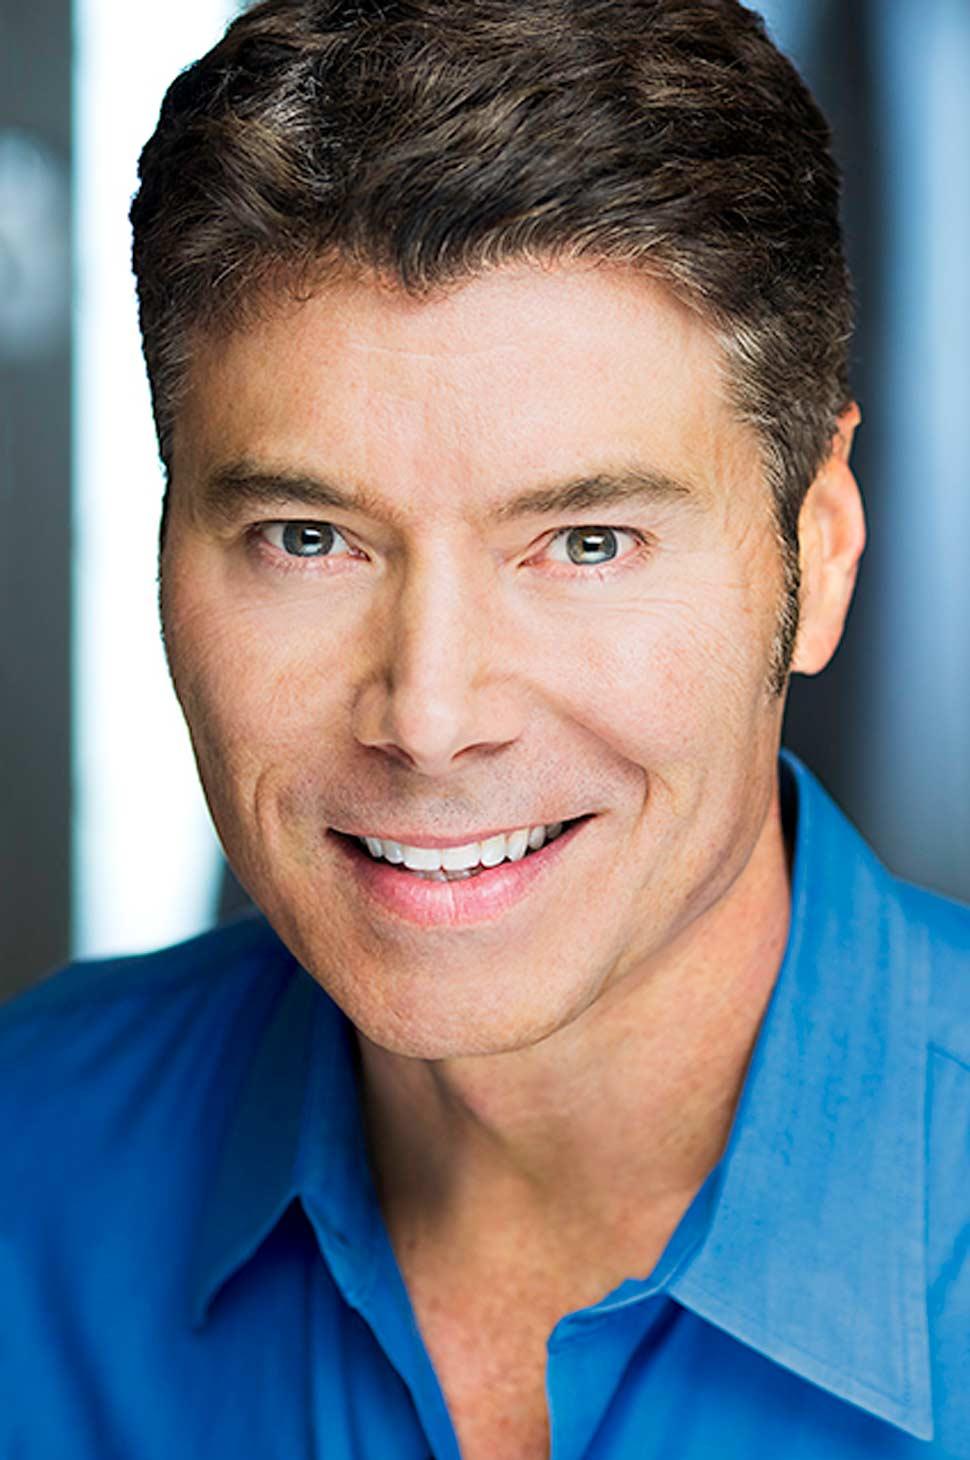 Benjamin Dane - Actor Sales Guy Headshot